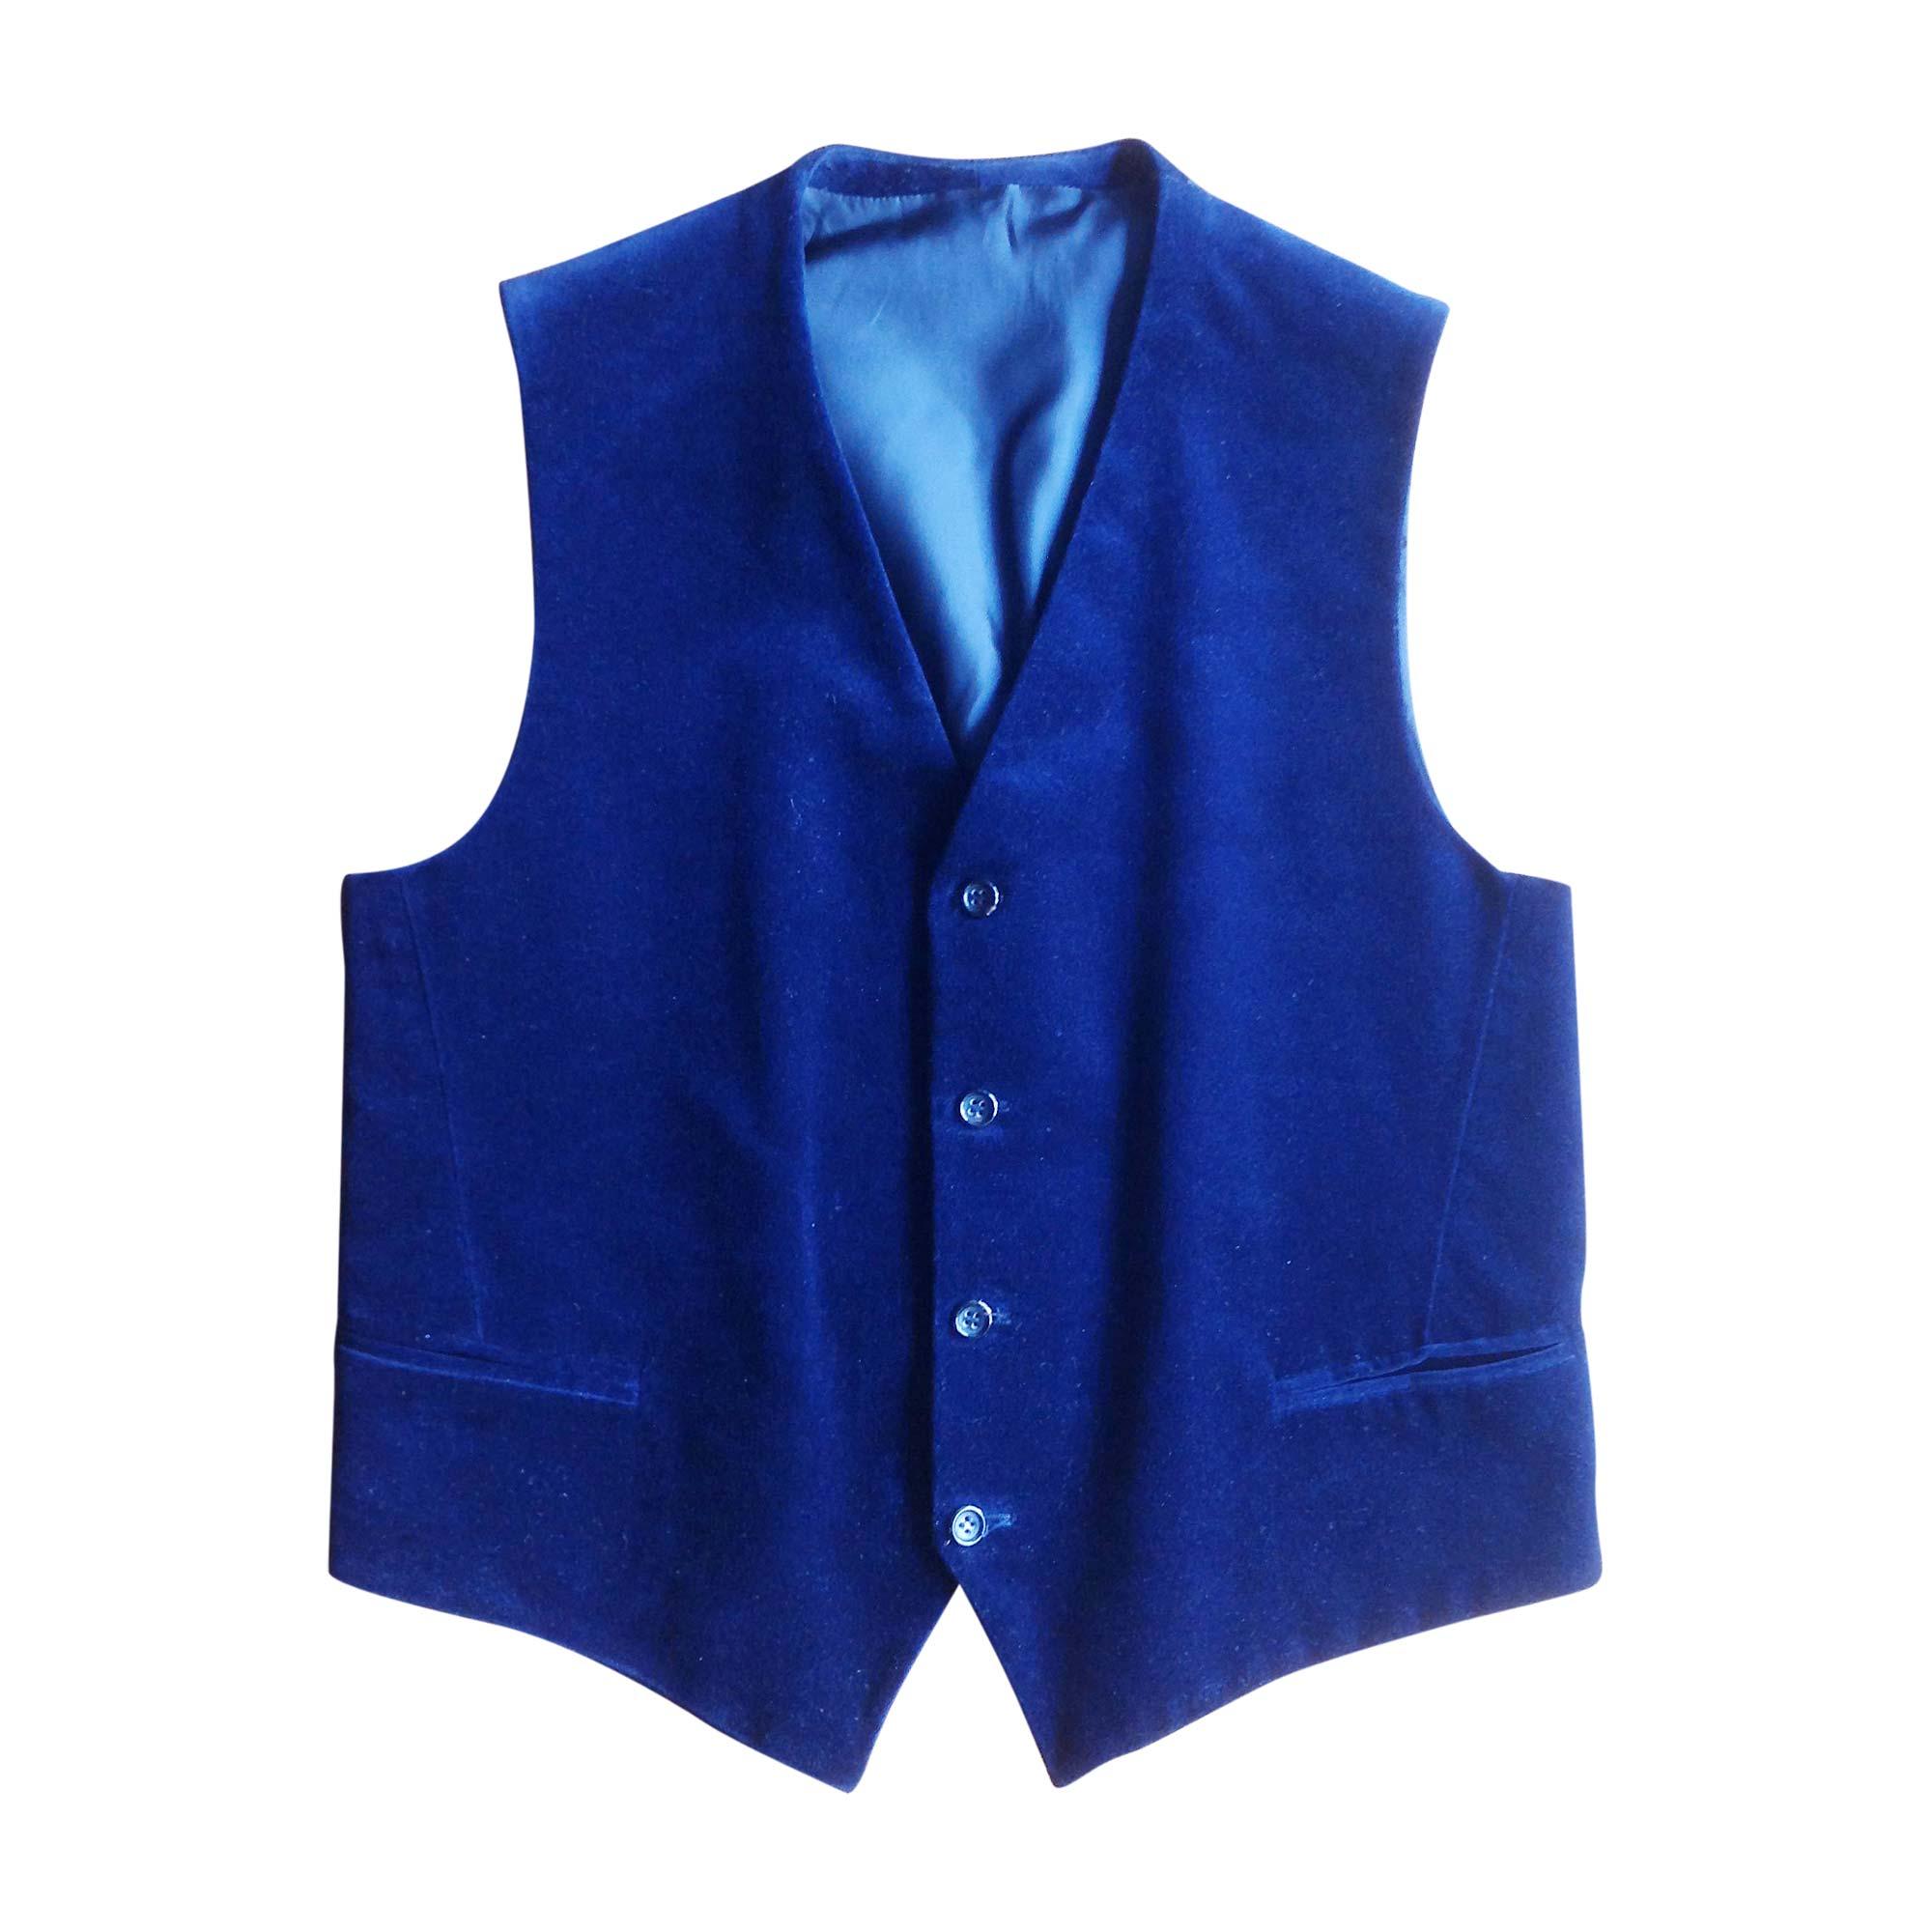 Gilet, cardigan JIL SANDER Bleu, bleu marine, bleu turquoise